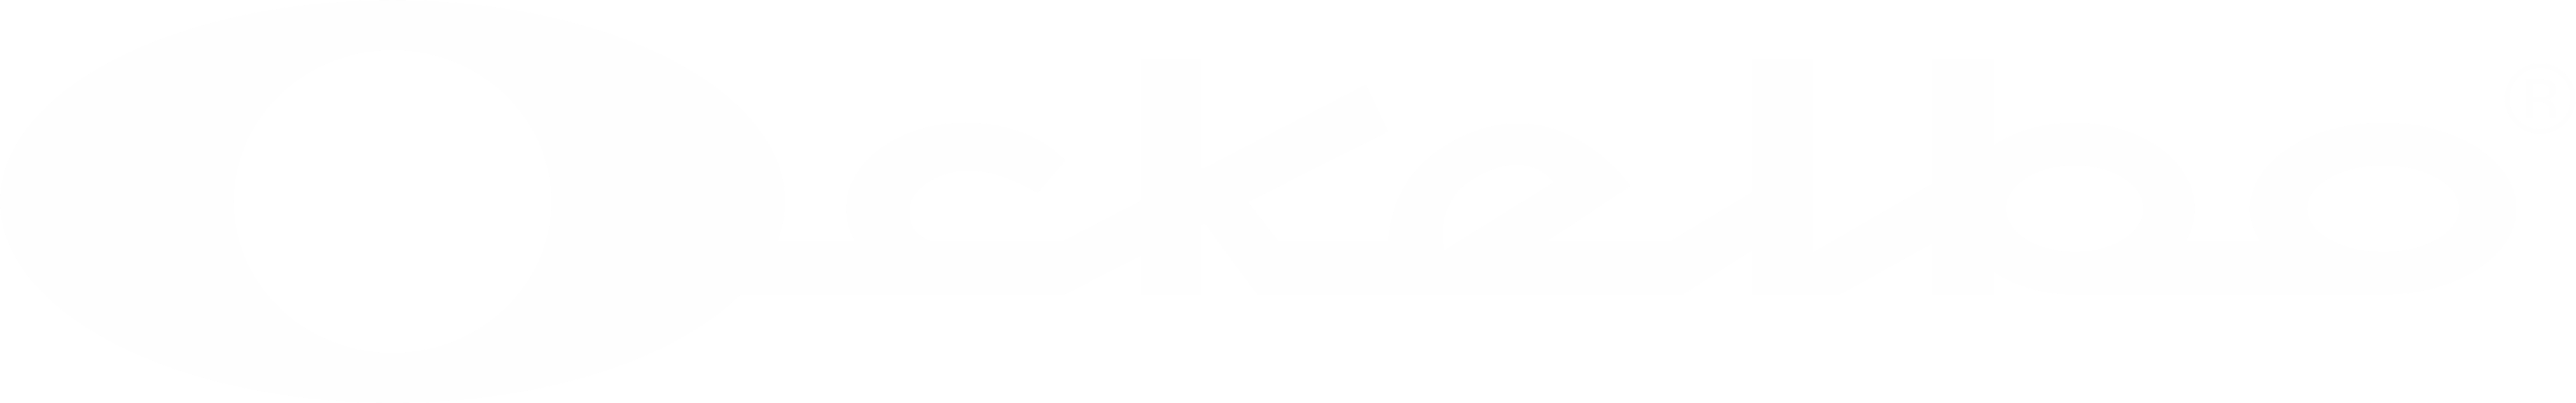 Логотип Ockelbo